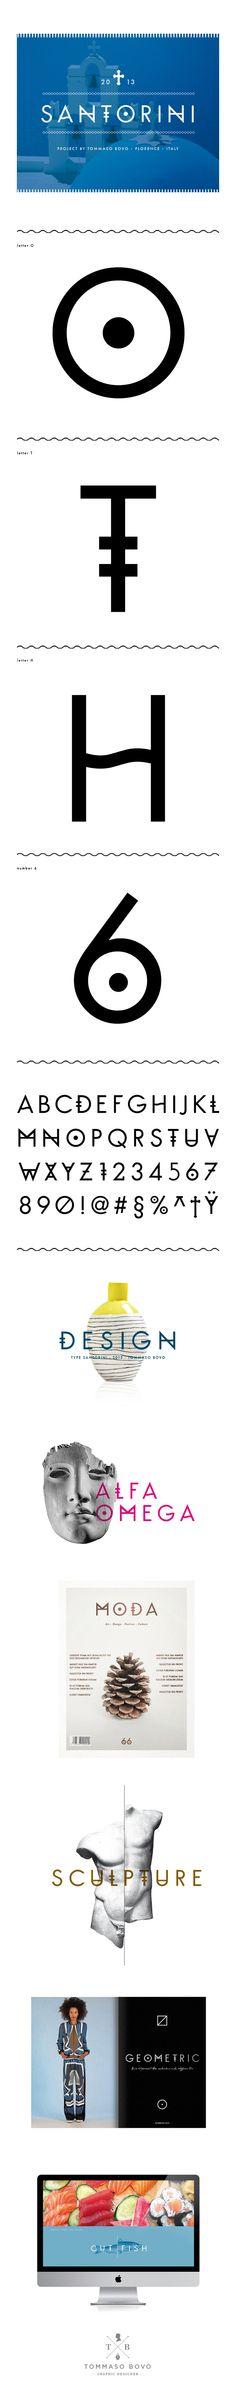 Graphic by Tommaso Bovo / www.tommasobovo.com Carattere tipografico di tipo bastone (senza grazie) basato sullo studio degli stilemi dell'isola greca di Santorini. #font #sansserif #serif #greece